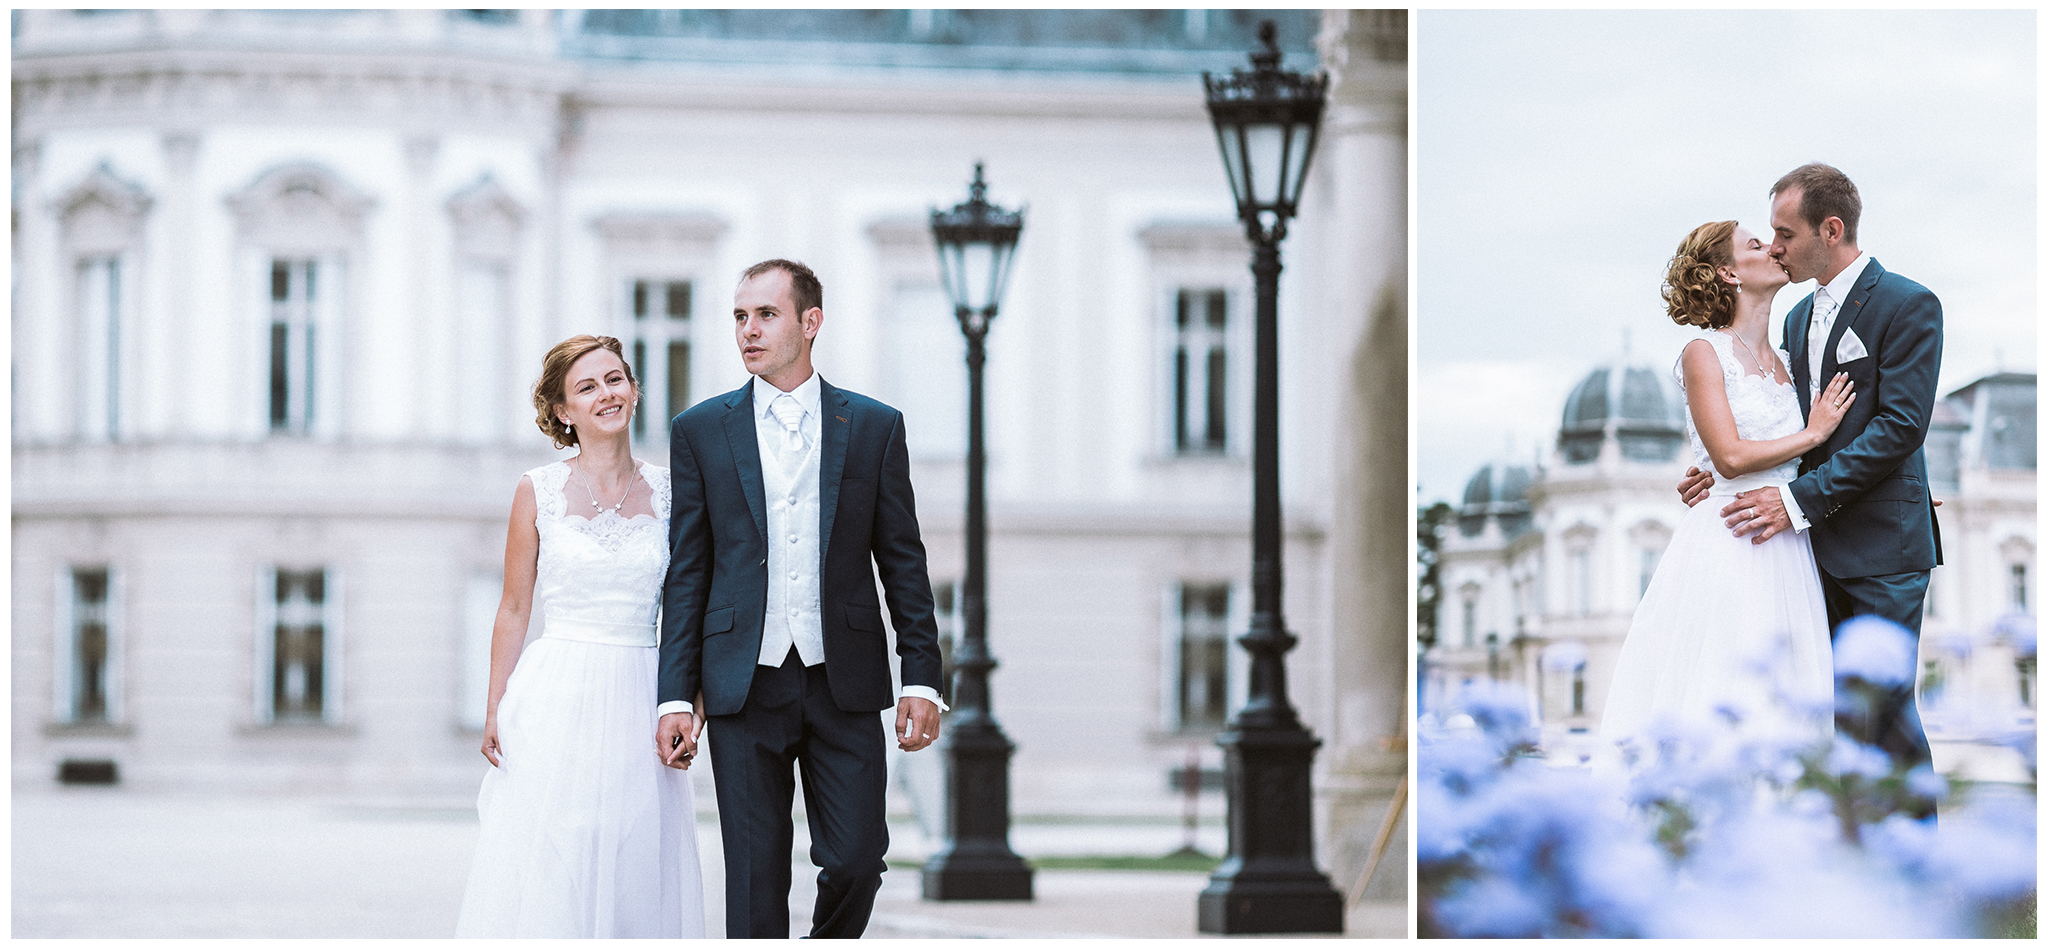 FylepPhoto, esküvőfotós, esküvői fotós Körmend, Szombathely, esküvőfotózás, magyarország, vas megye, prémium, jegyesfotózás, Fülöp Péter, körmend, kreatív, fotográfus_04.jpg